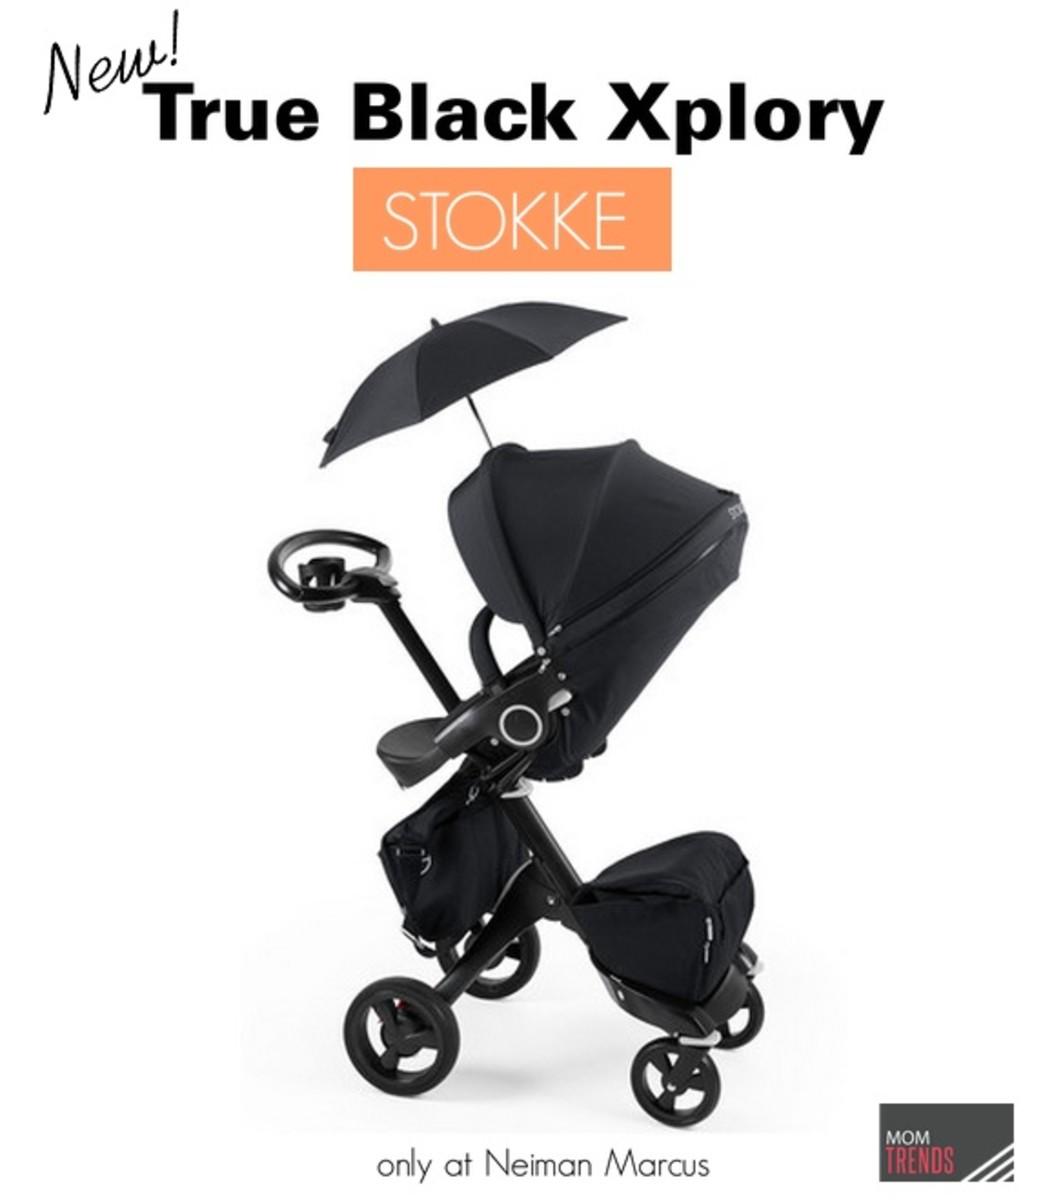 Stokke True Black Xploy Stroller lead